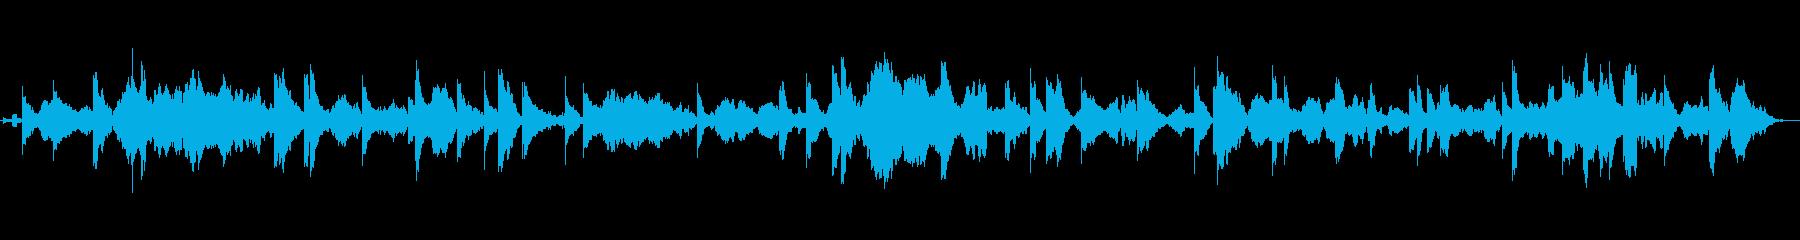 鳥のさえずりとクリスタルボウルヒーリングの再生済みの波形